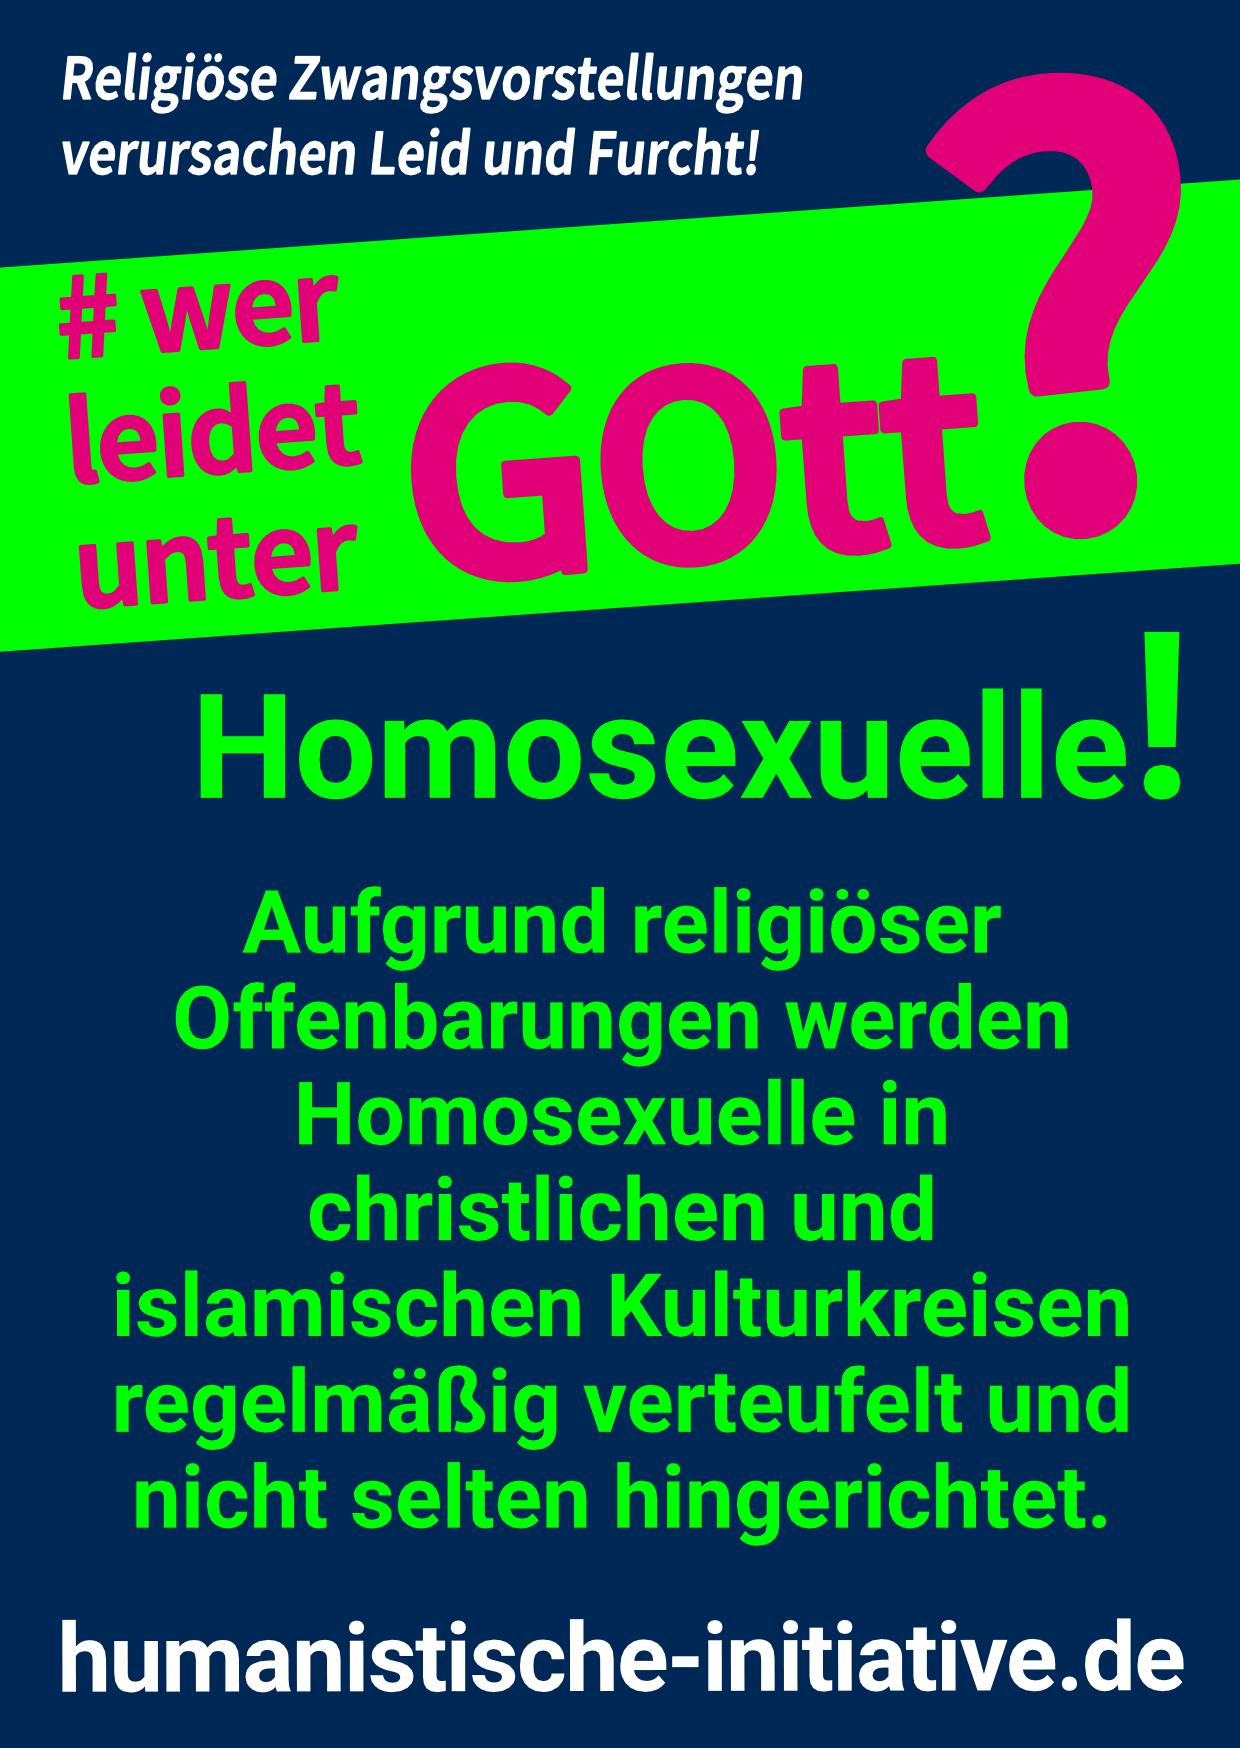 03. Homosexuelle